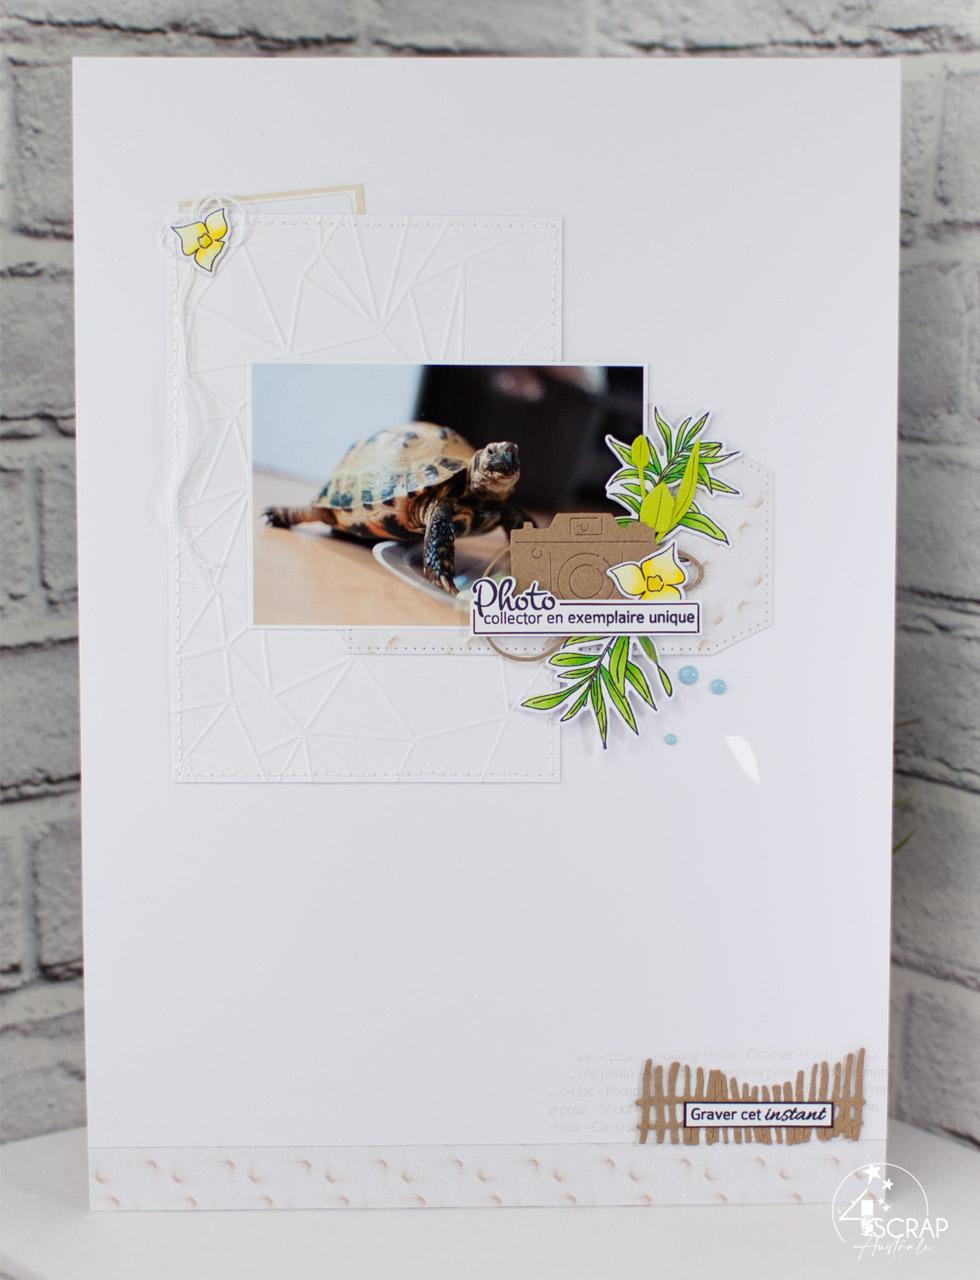 Création d'une page de scrap pour album A4 avec une photo d'une tortue, embossage à froid, feuillages, découpe d'appareil photo et étiquette.